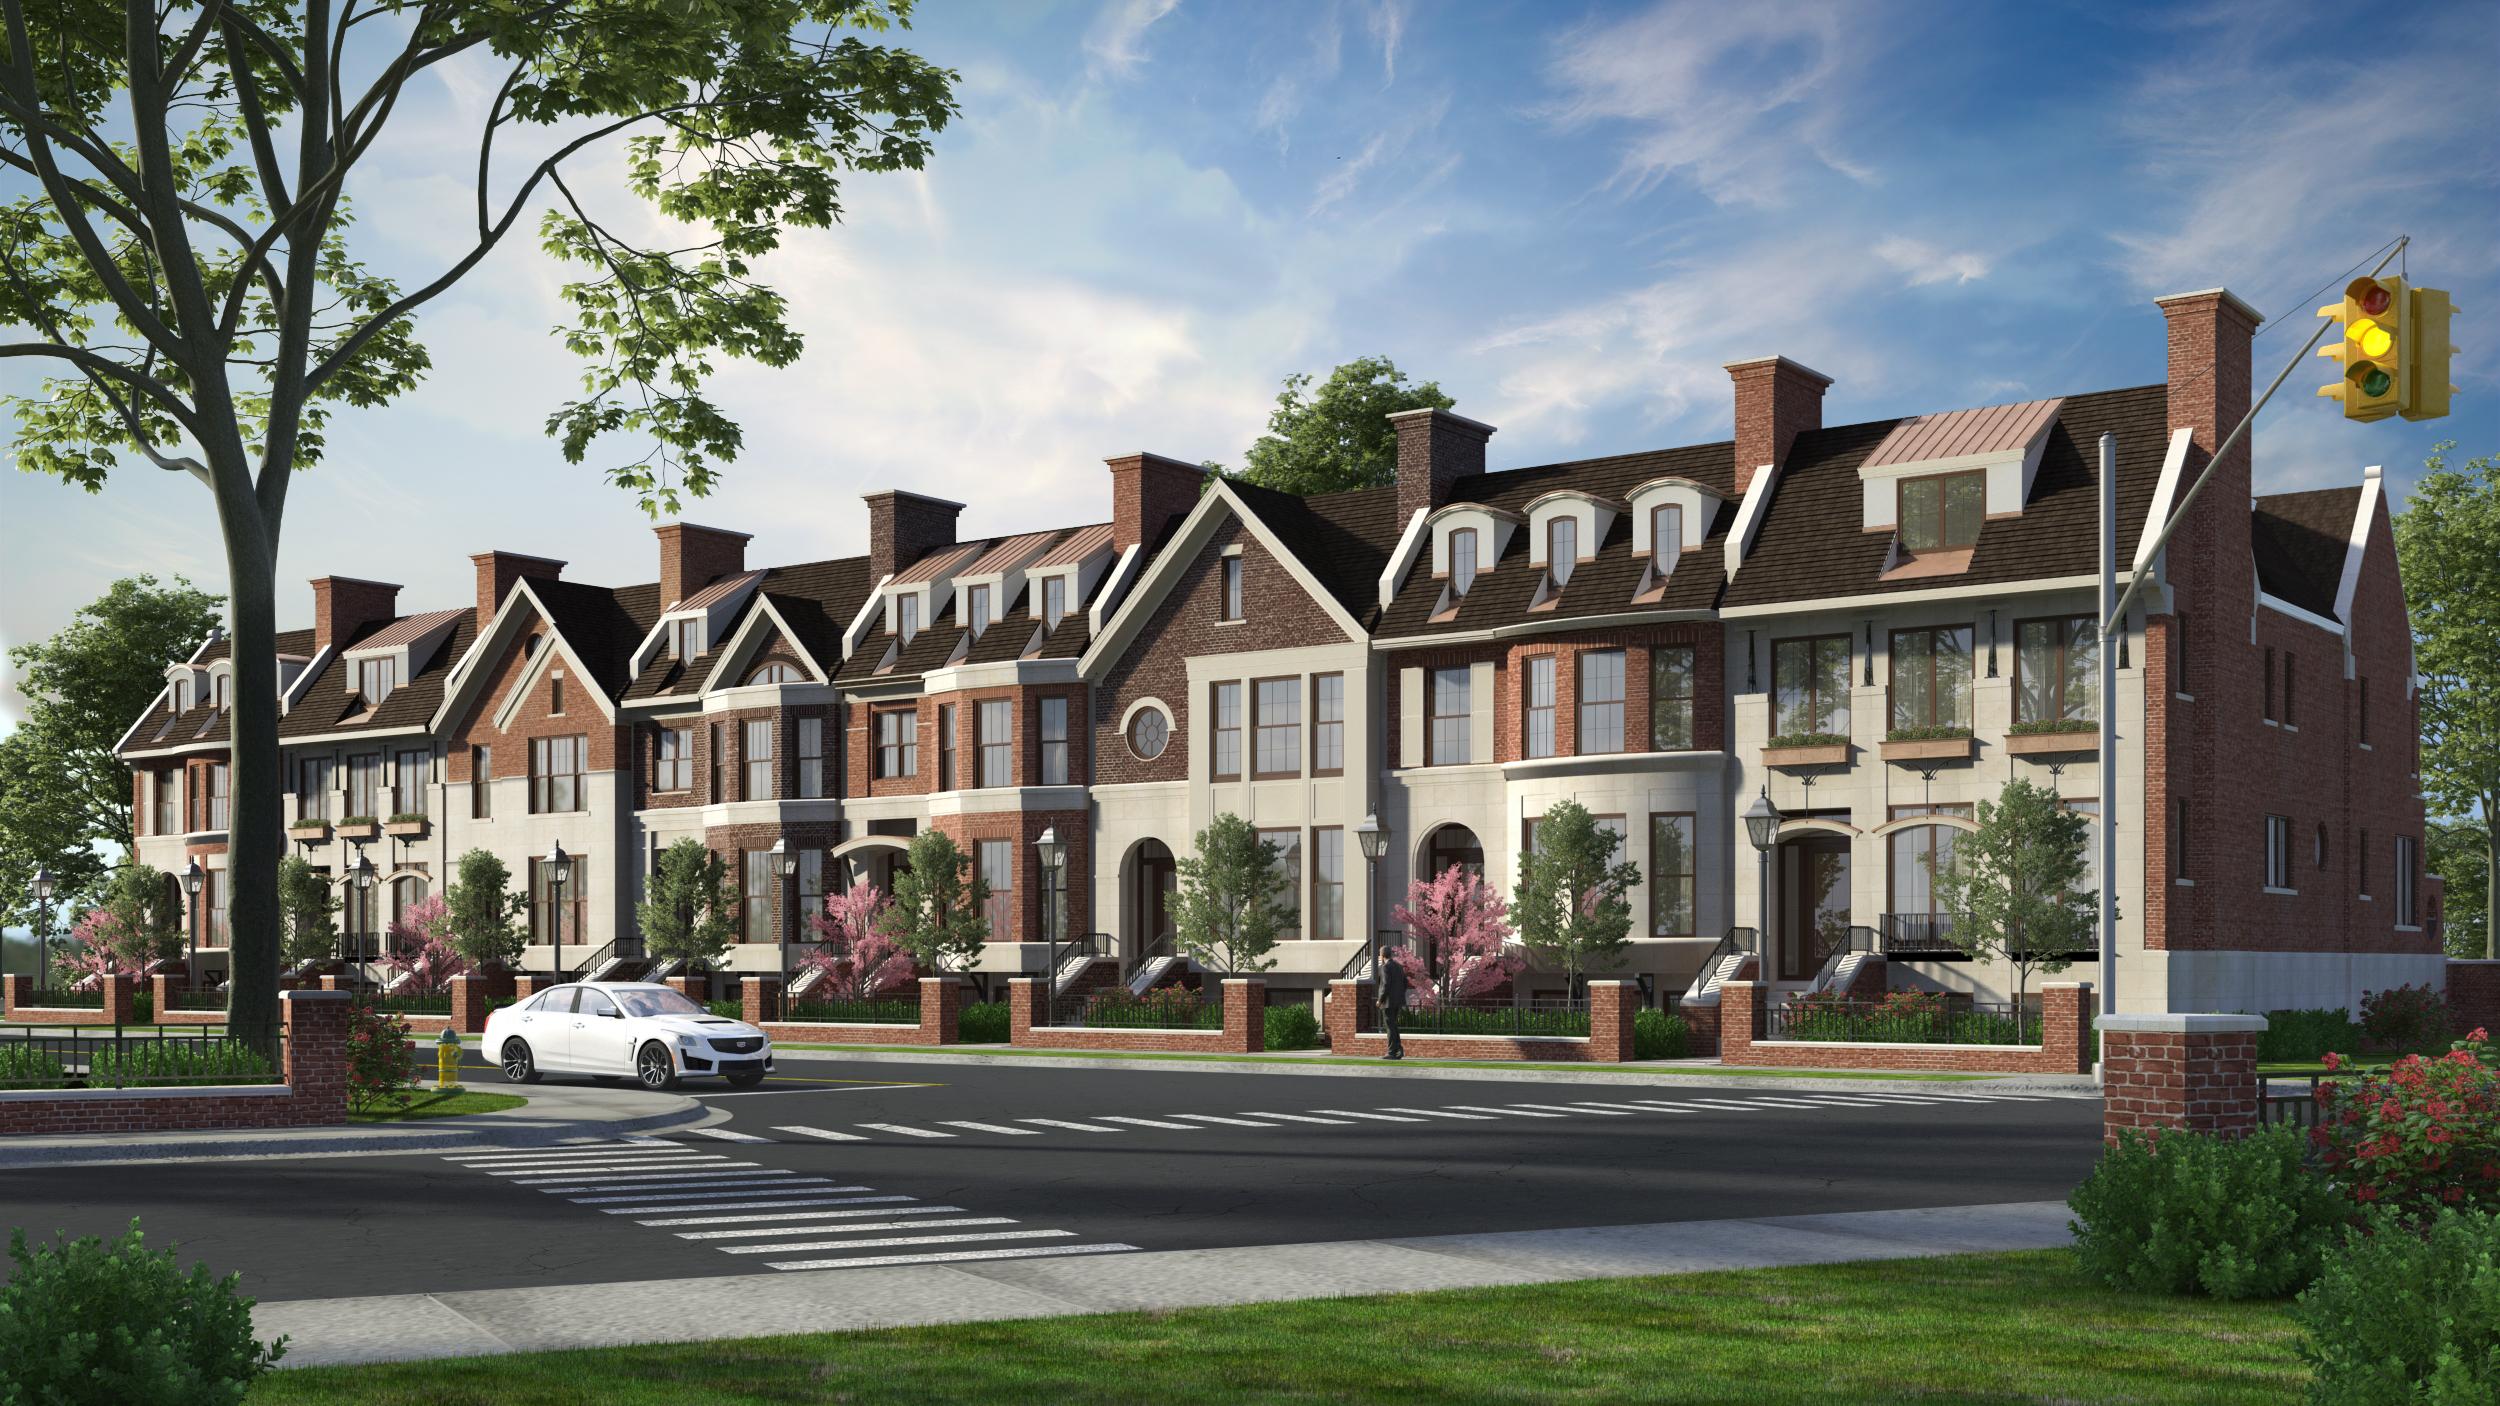 Luxury Housing Developments Planned for Royal Oak ...